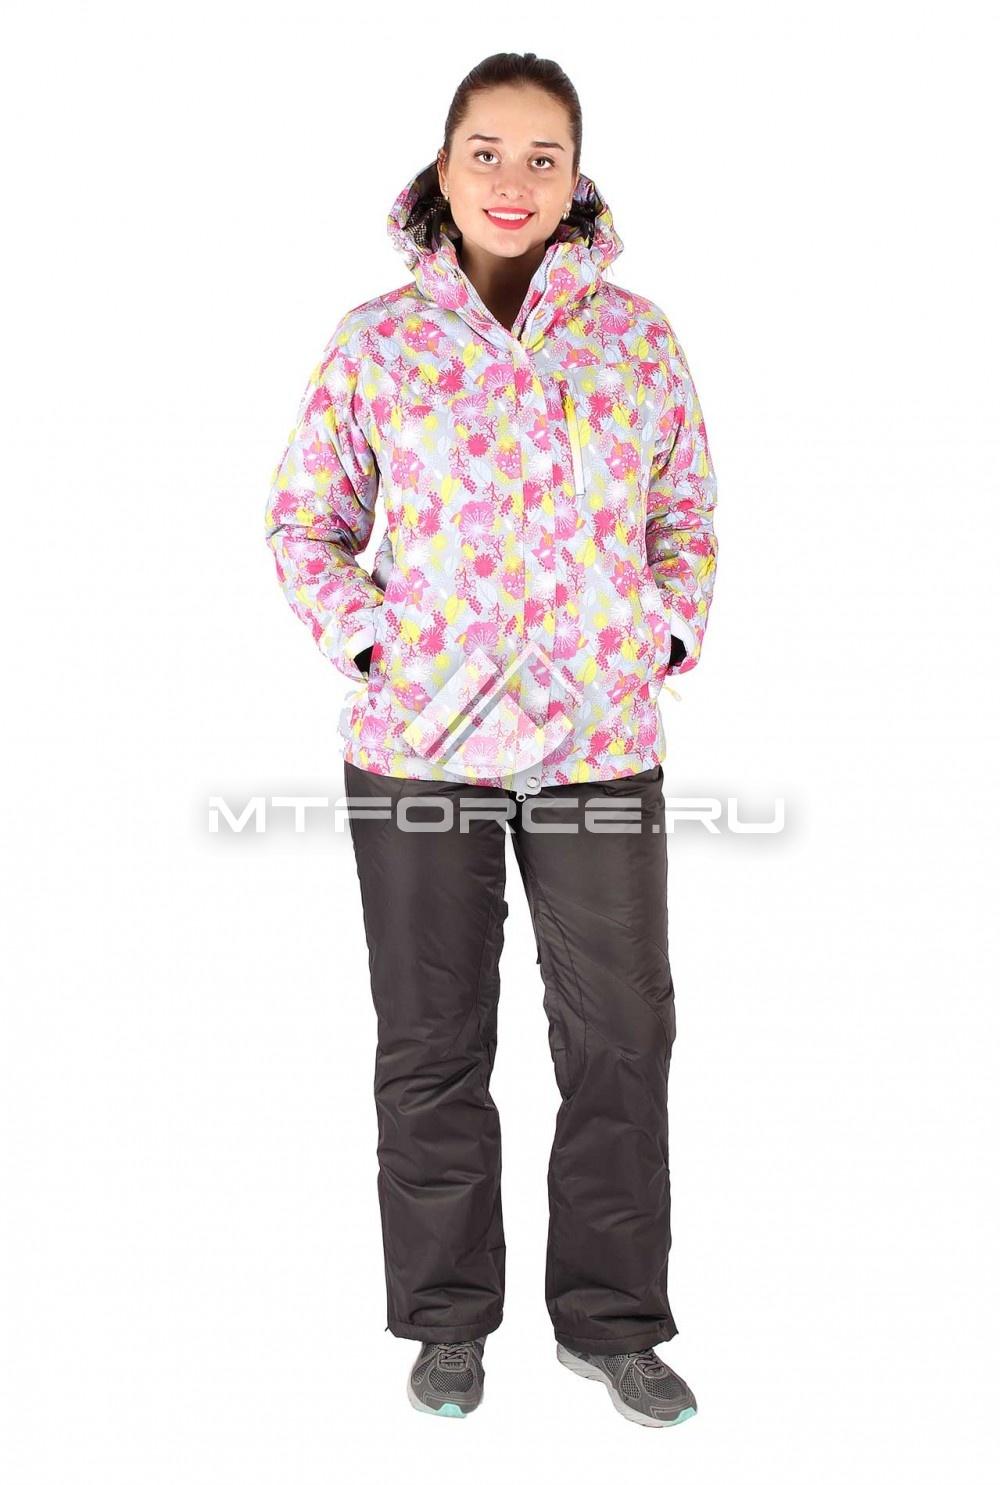 Купить  оптом Костюм горнолыжный женский серого цвета 015020Sr